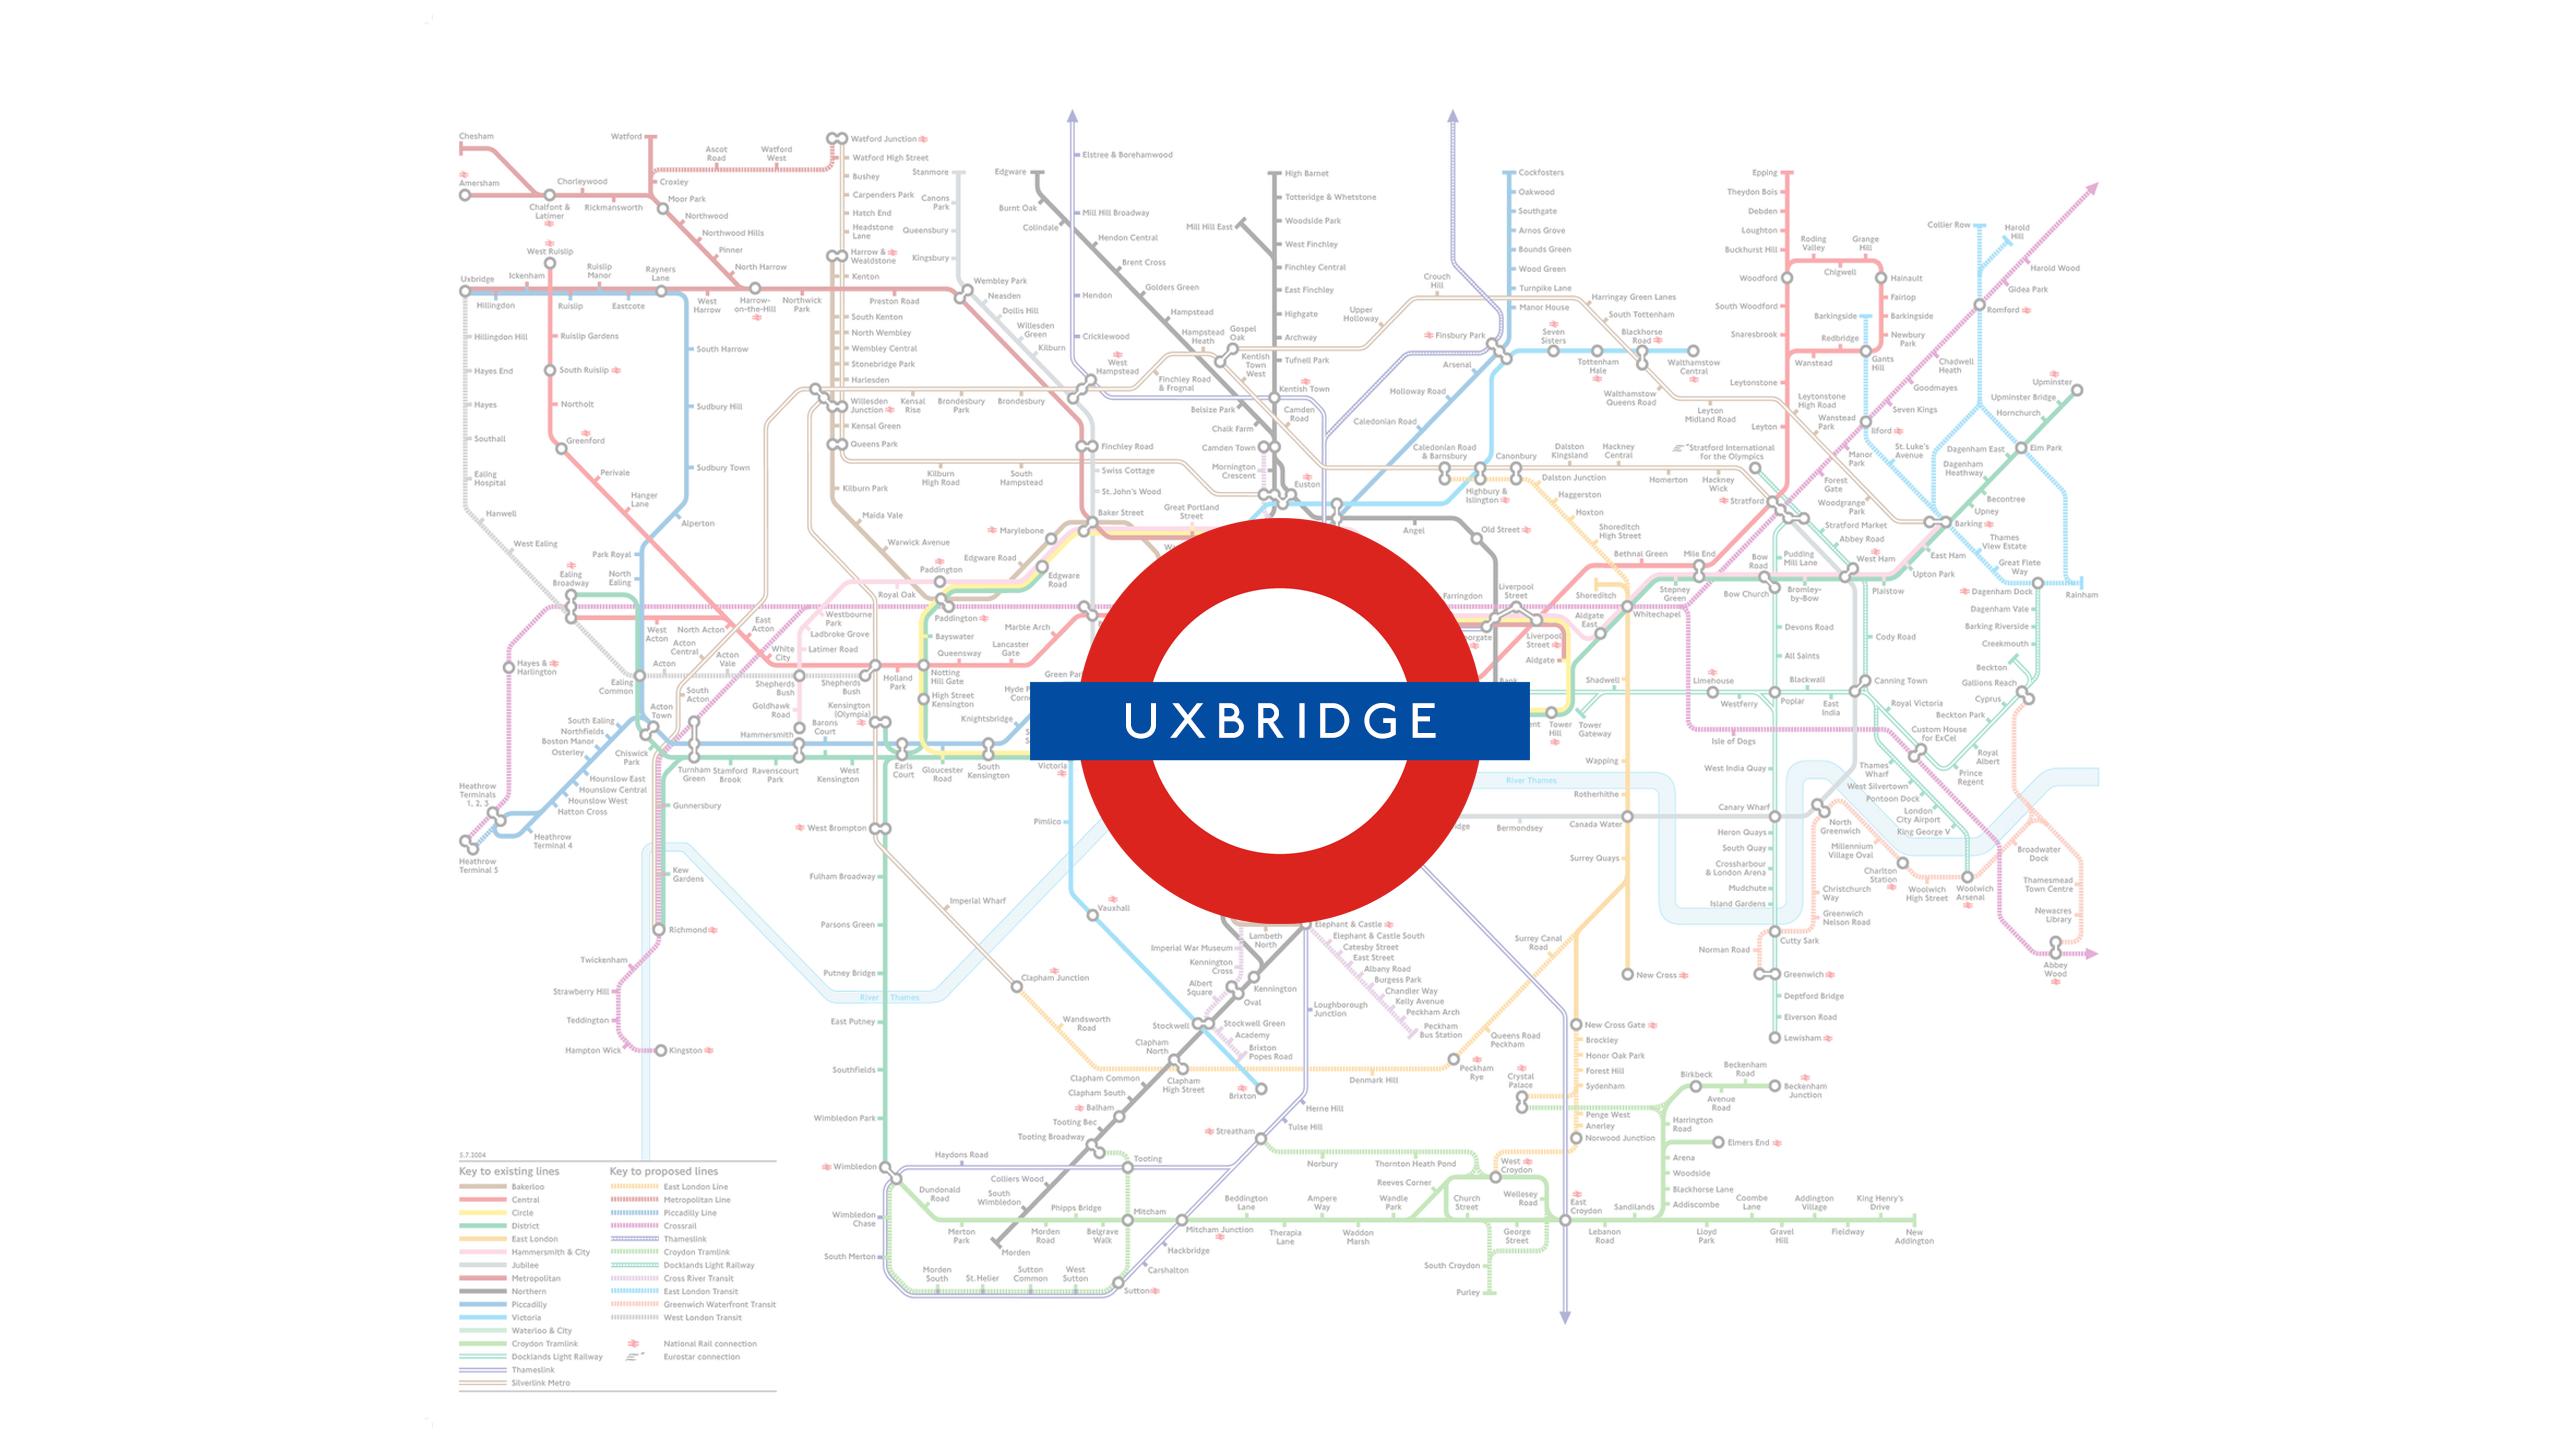 Uxbridge (Map)